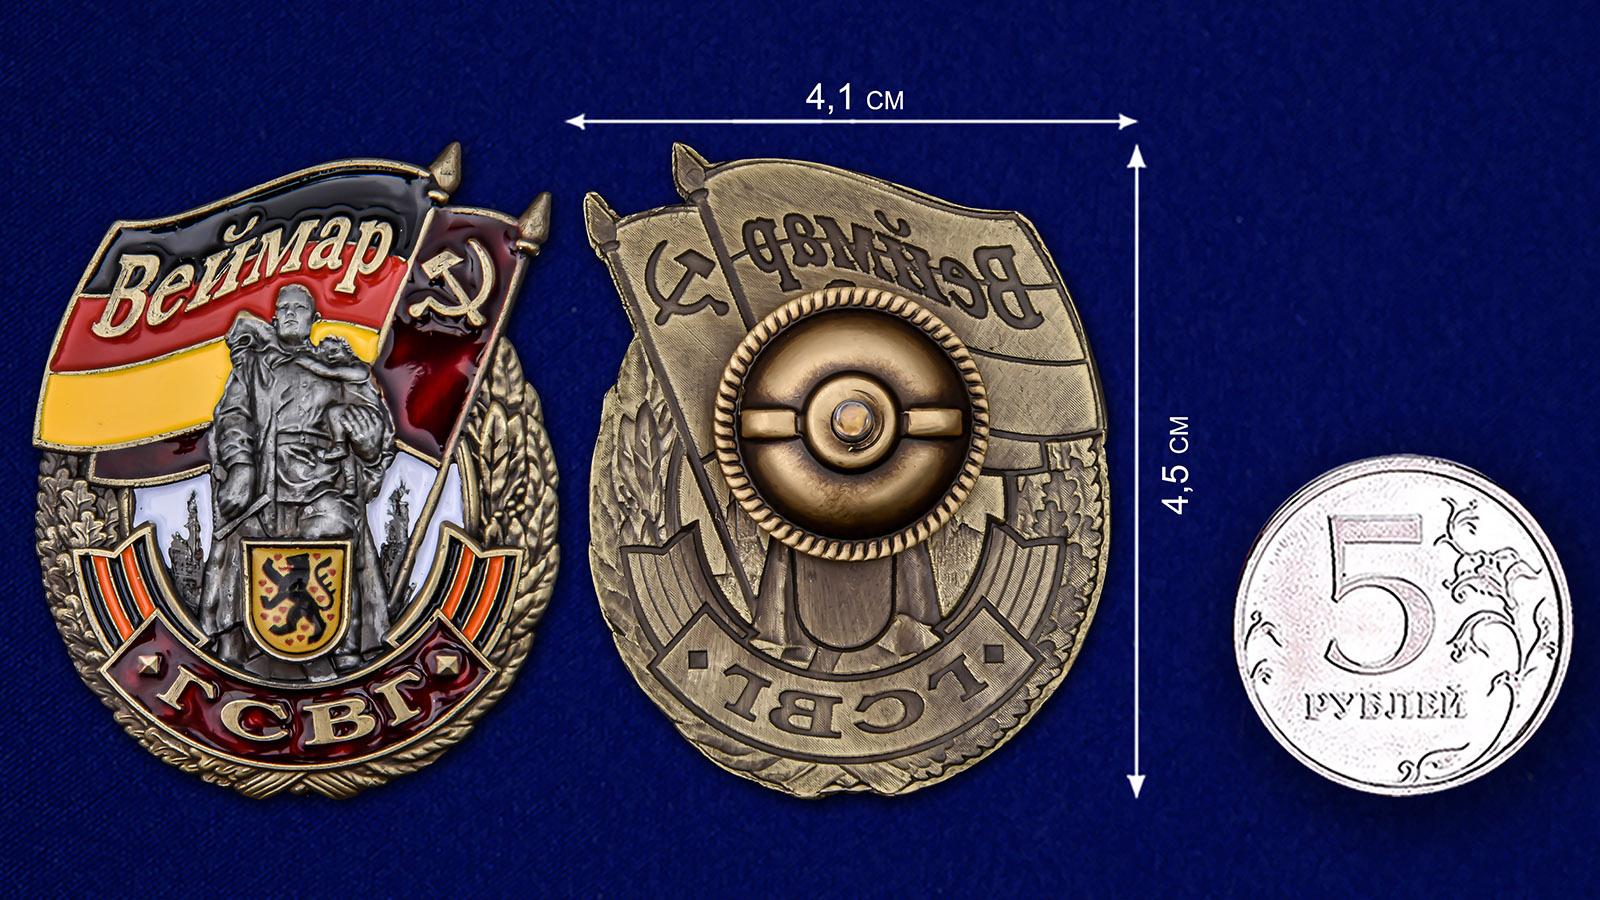 Знак ГСВГ Веймар - сравнительный размер